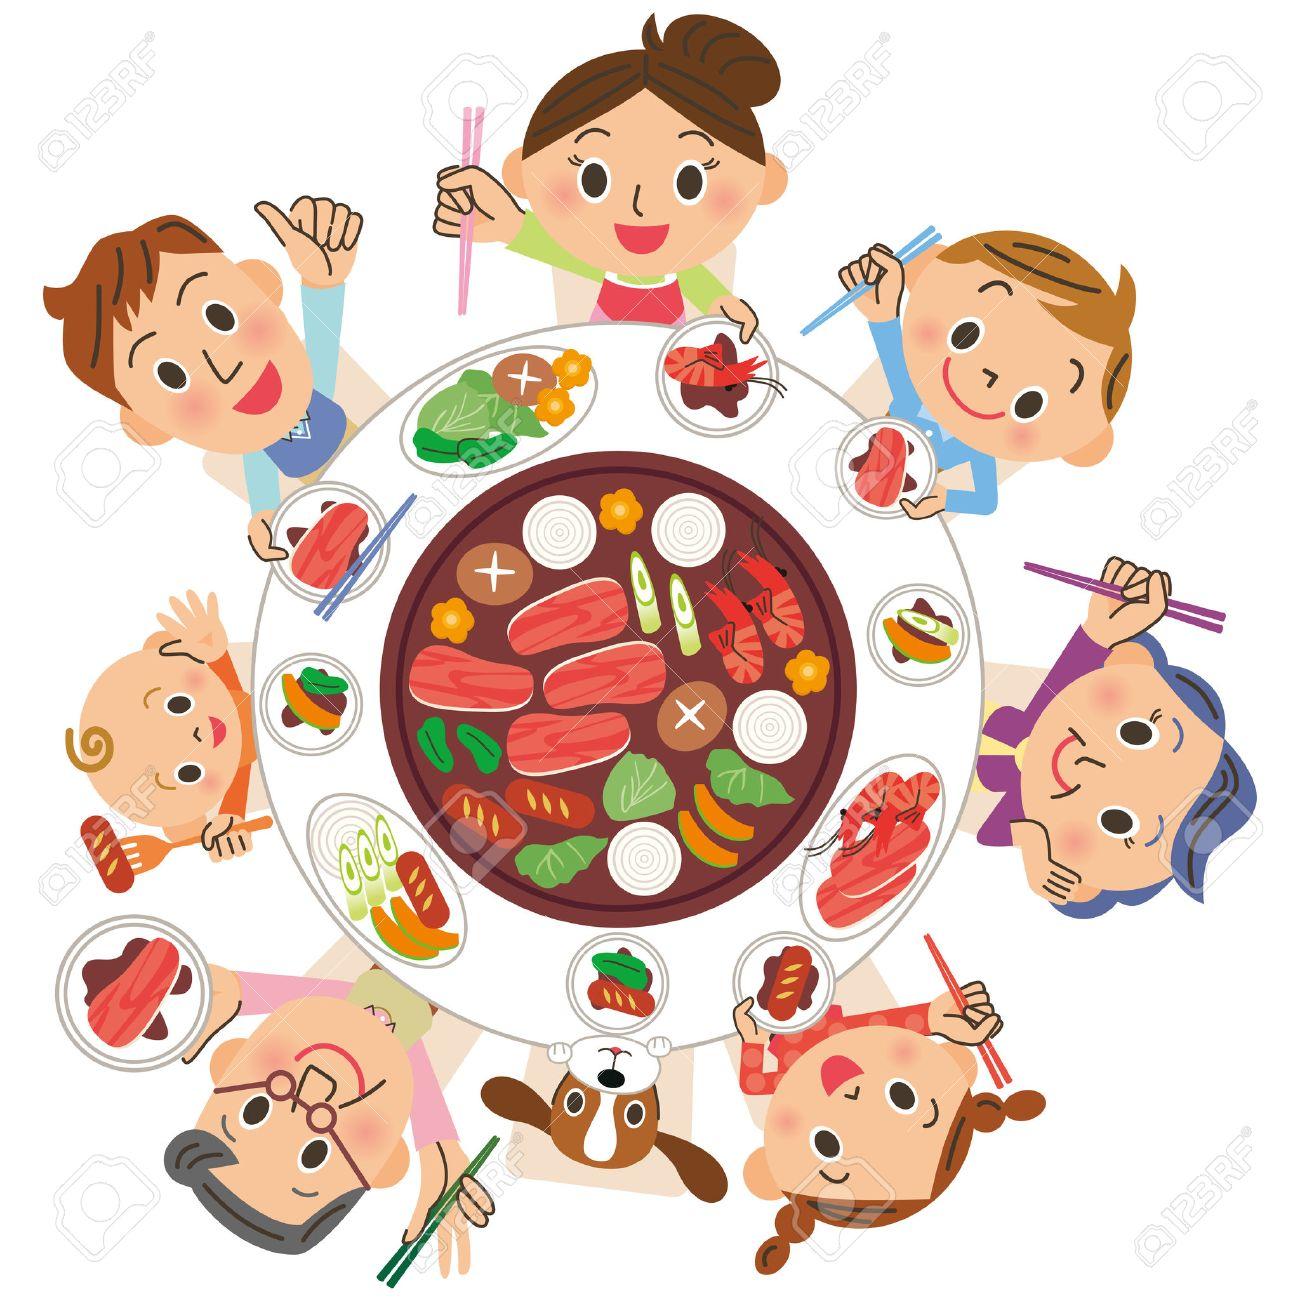 焼き肉を食べる 3 世代家族のイラスト素材ベクタ Image 54779339